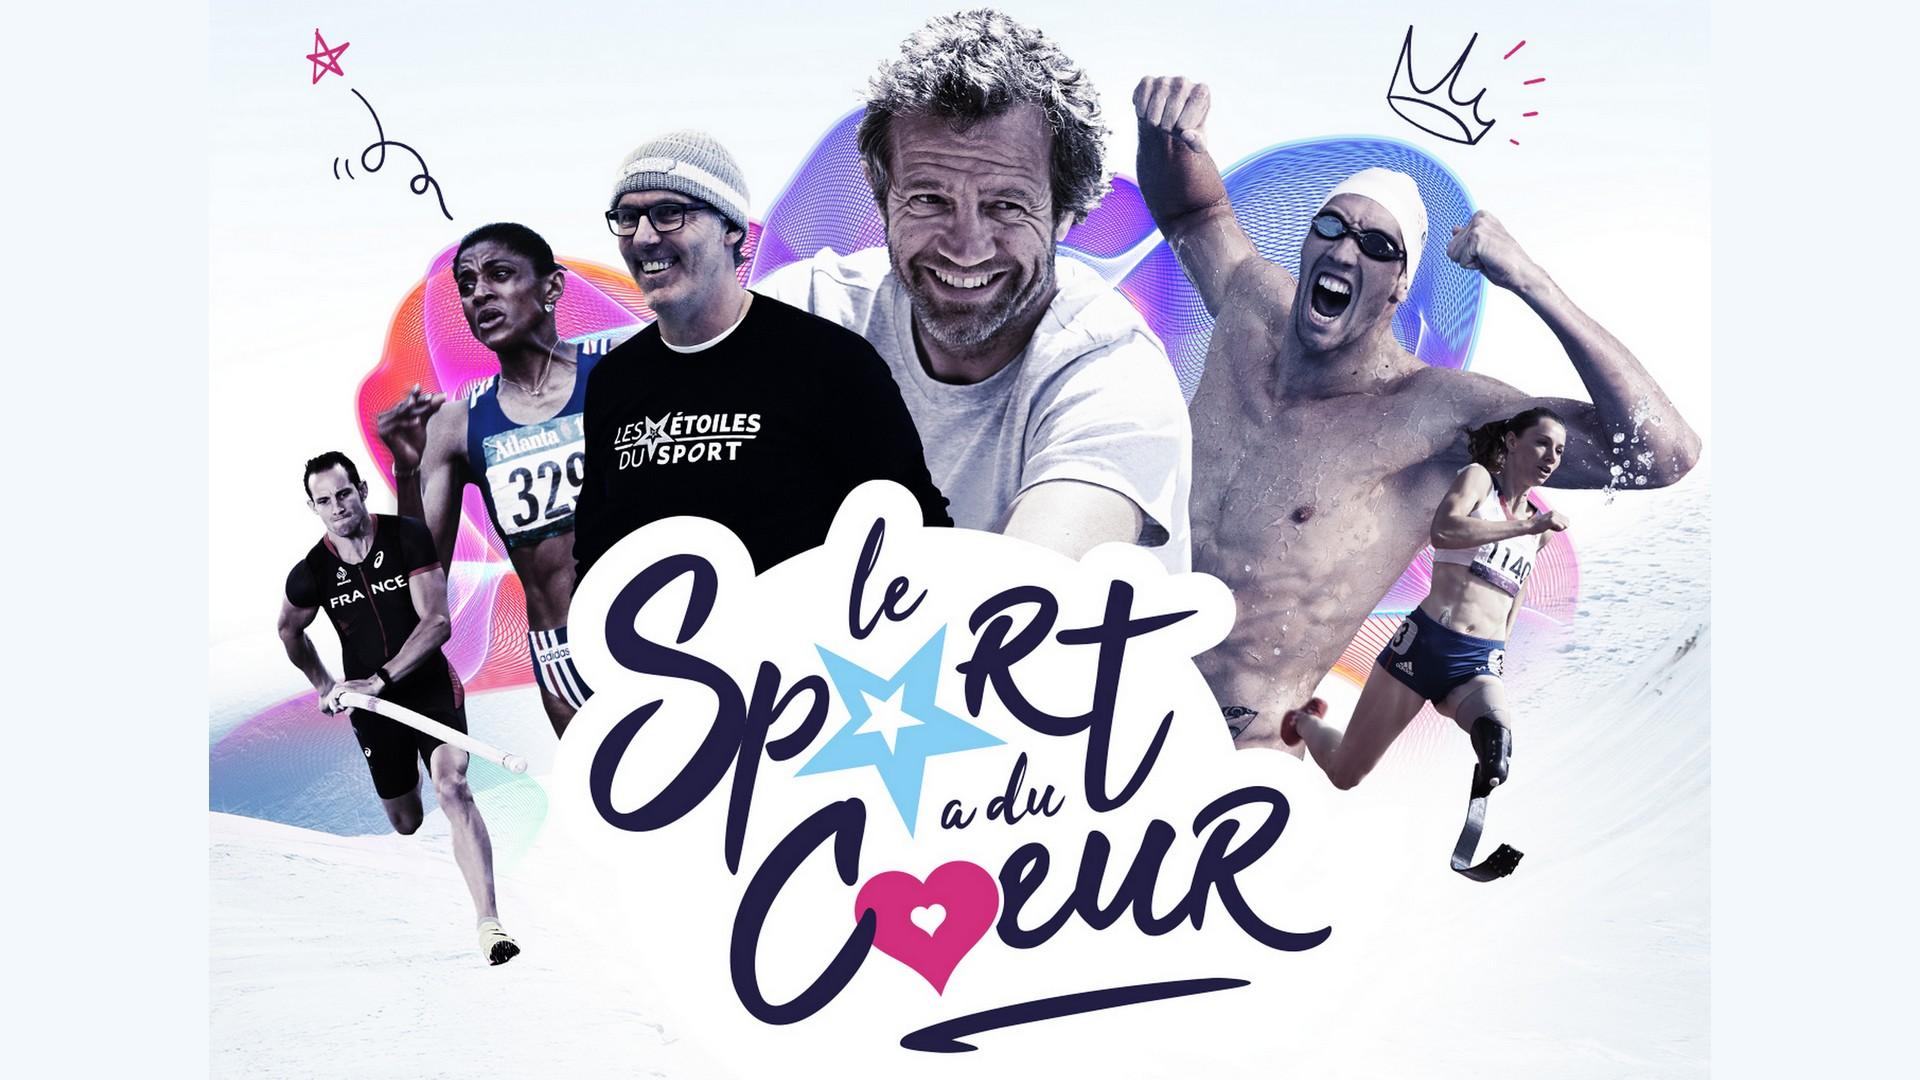 Le sport a du coeur – Restos du Coeur